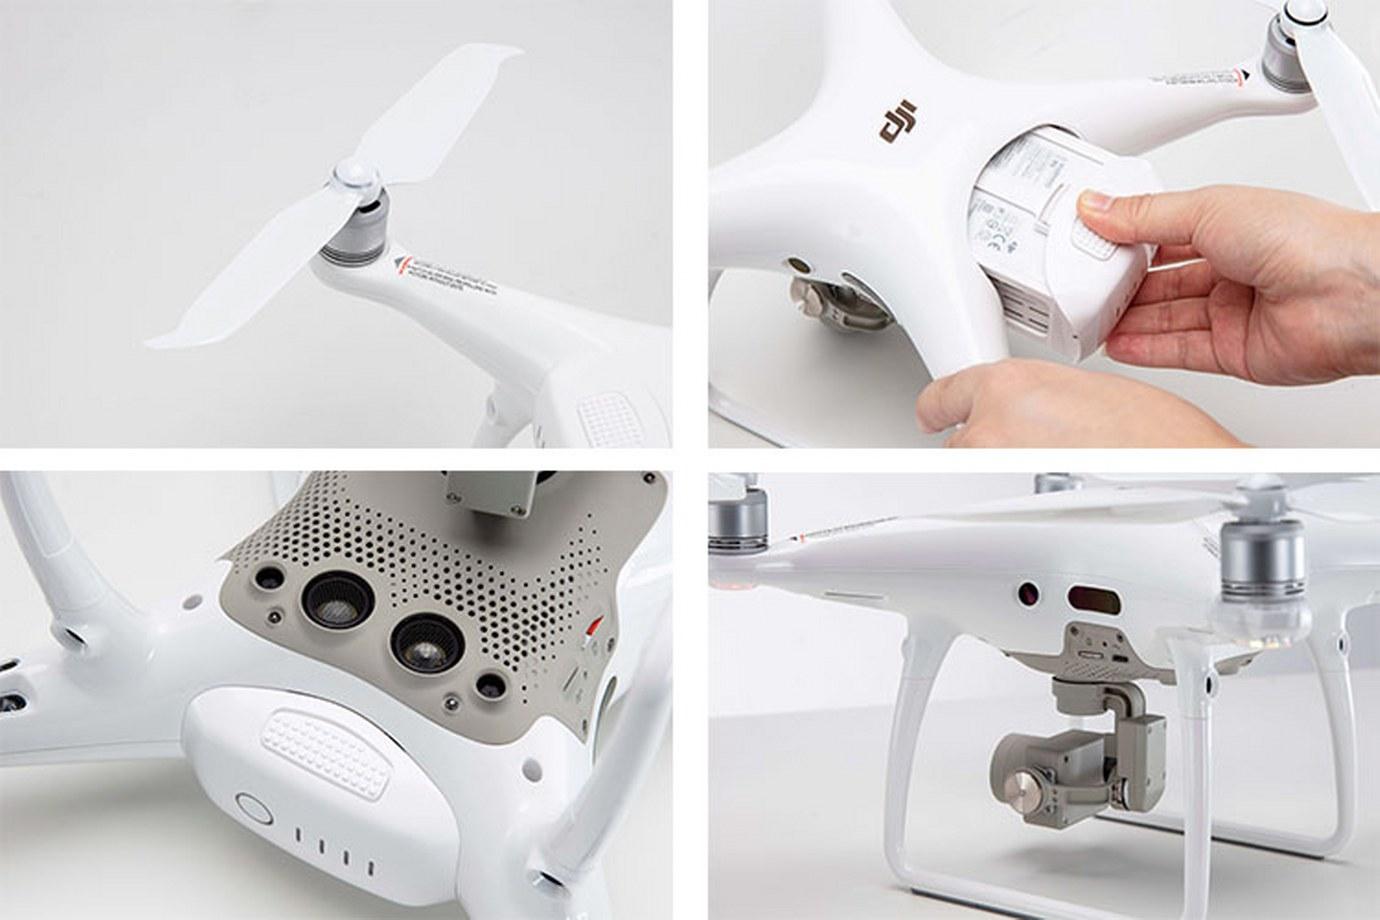 Drone-Attribute